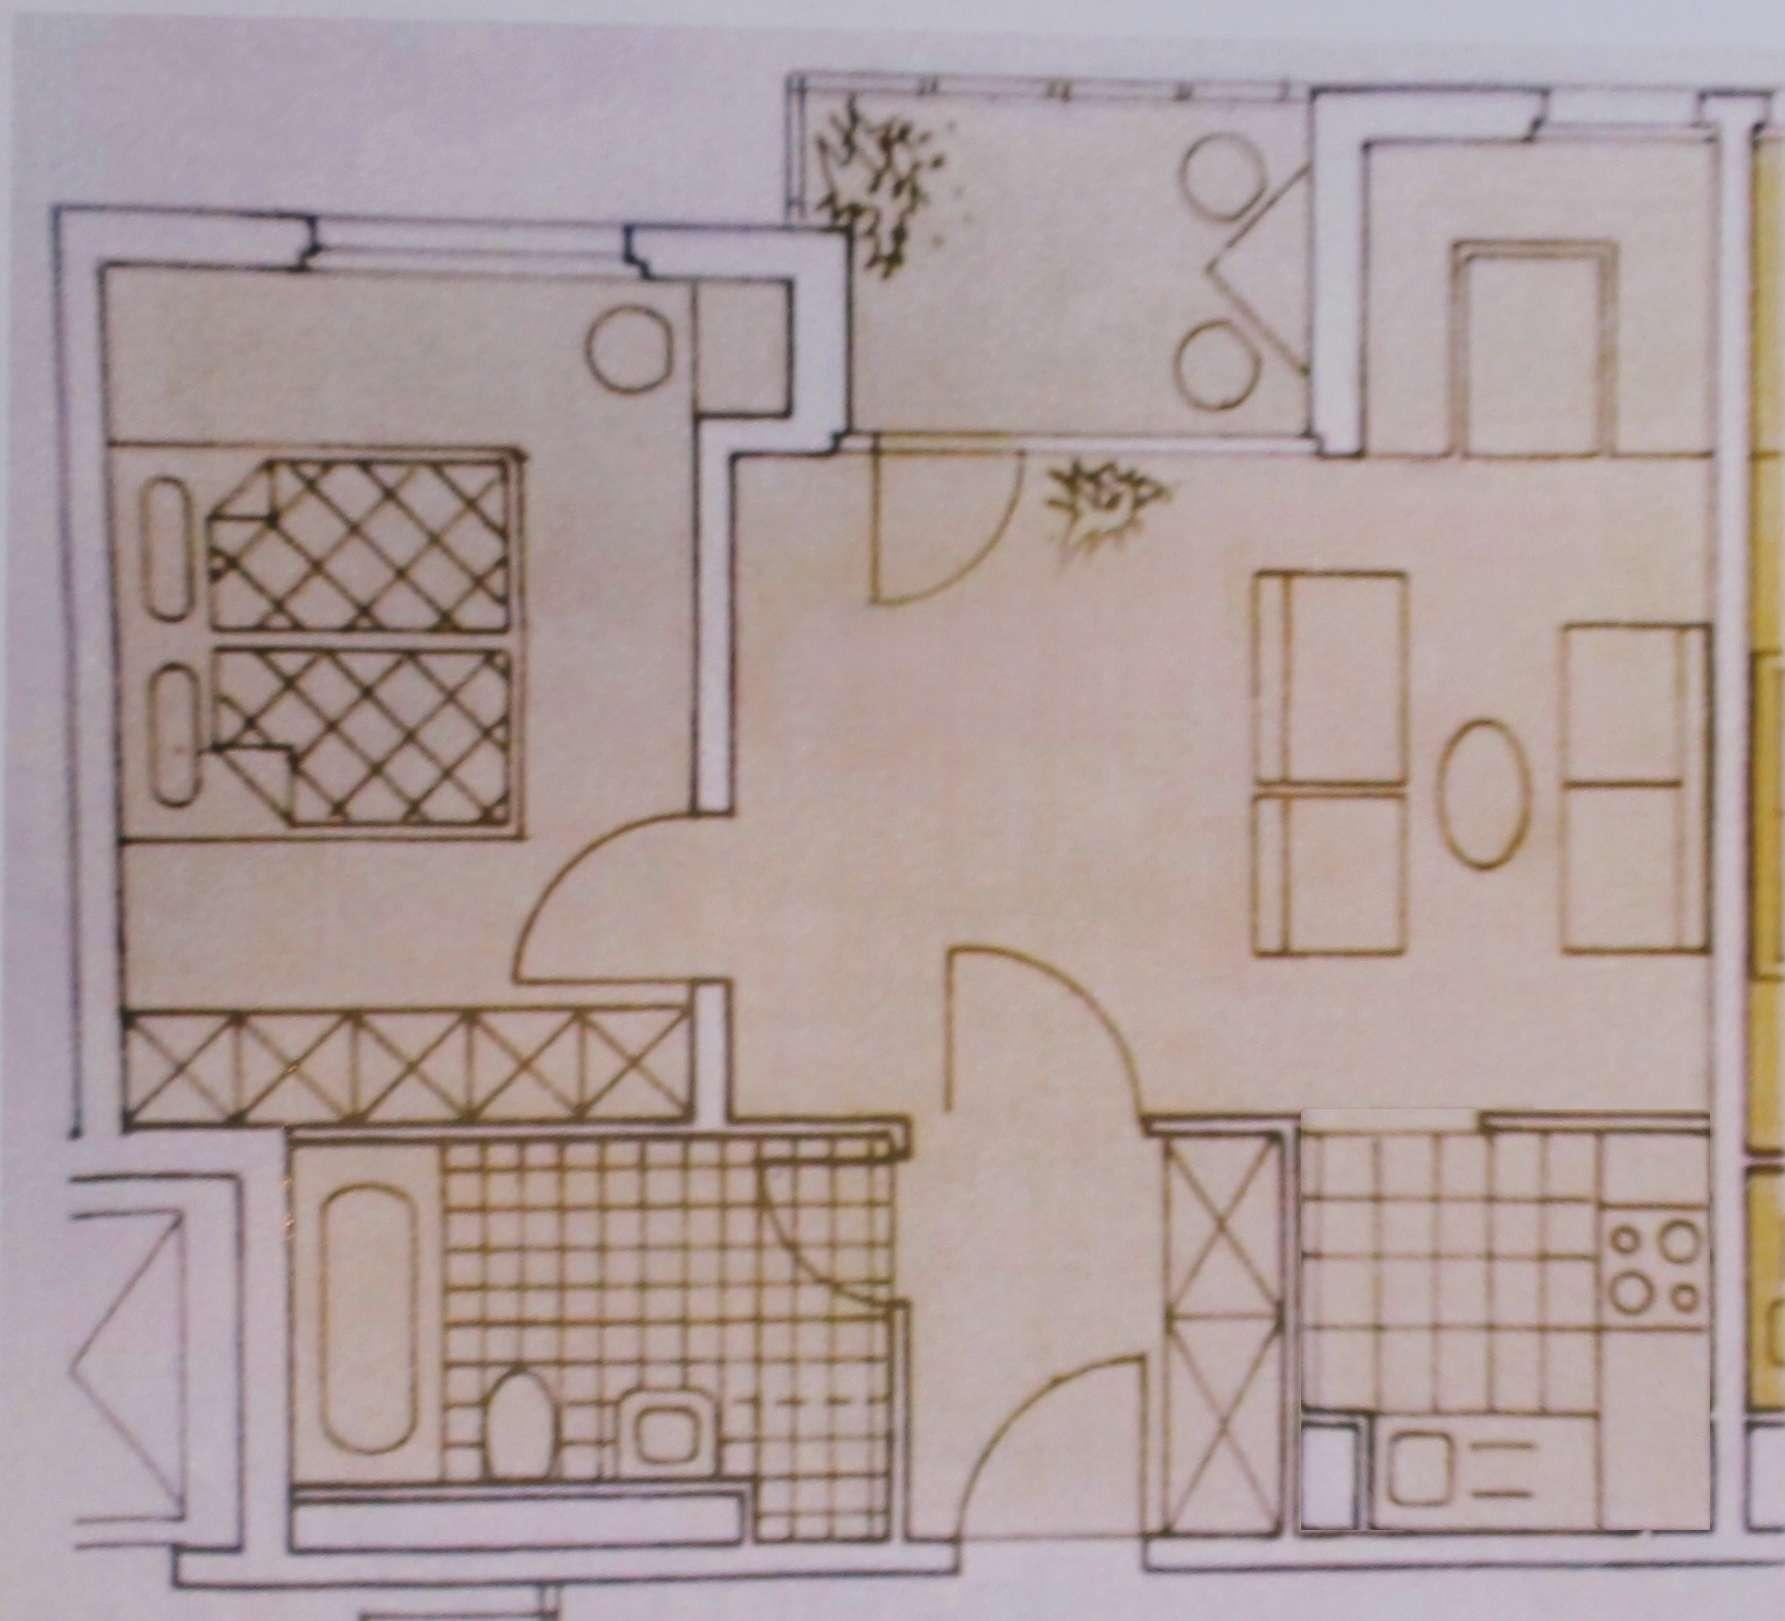 2-Zimmer-Wohnung mit Einbauküche in Erding (Kreis) in